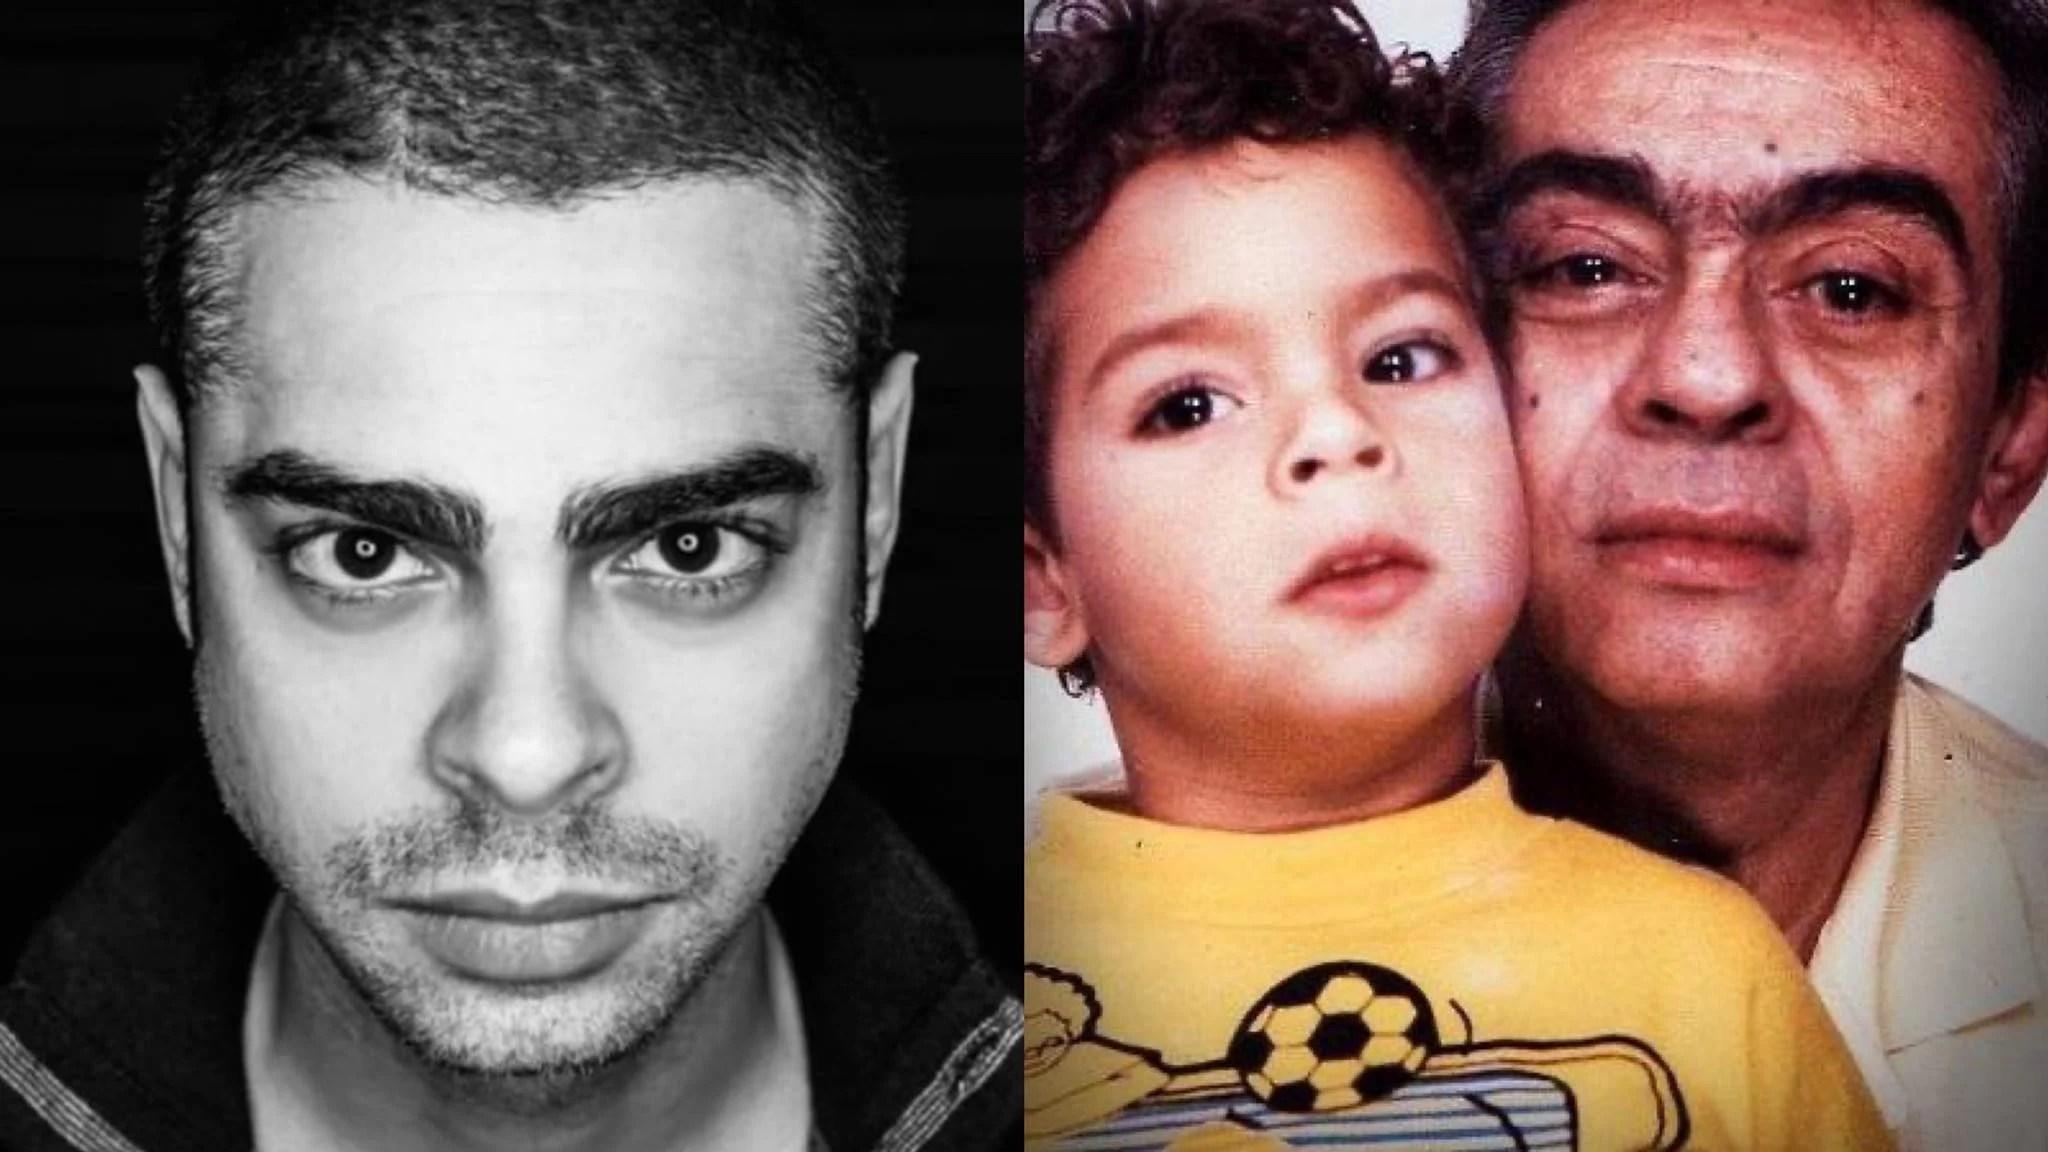 Morre filho do Chico Anysio, Cícero Chaves aos 39 anos no RJ (montagem: Fashion Bubbles)